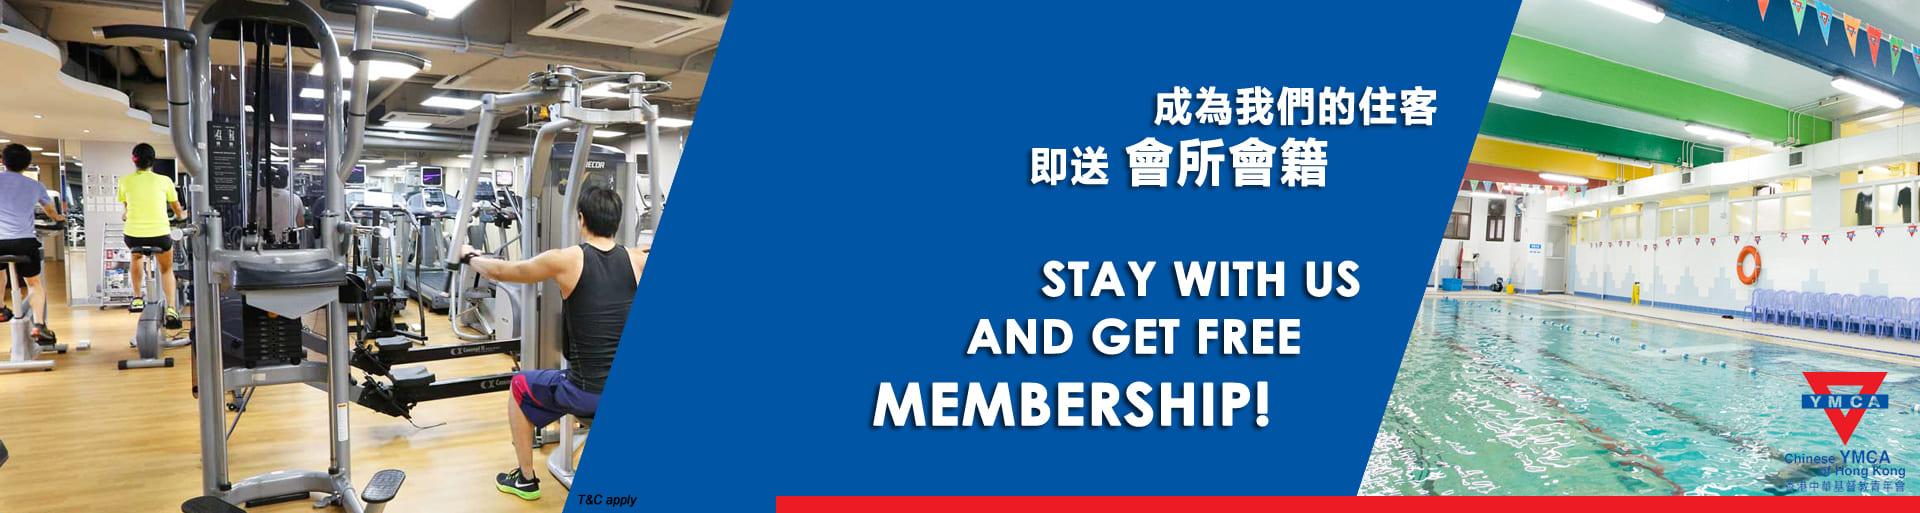 成为我们的住客,即获得免费YMCA会籍,参加各类活动